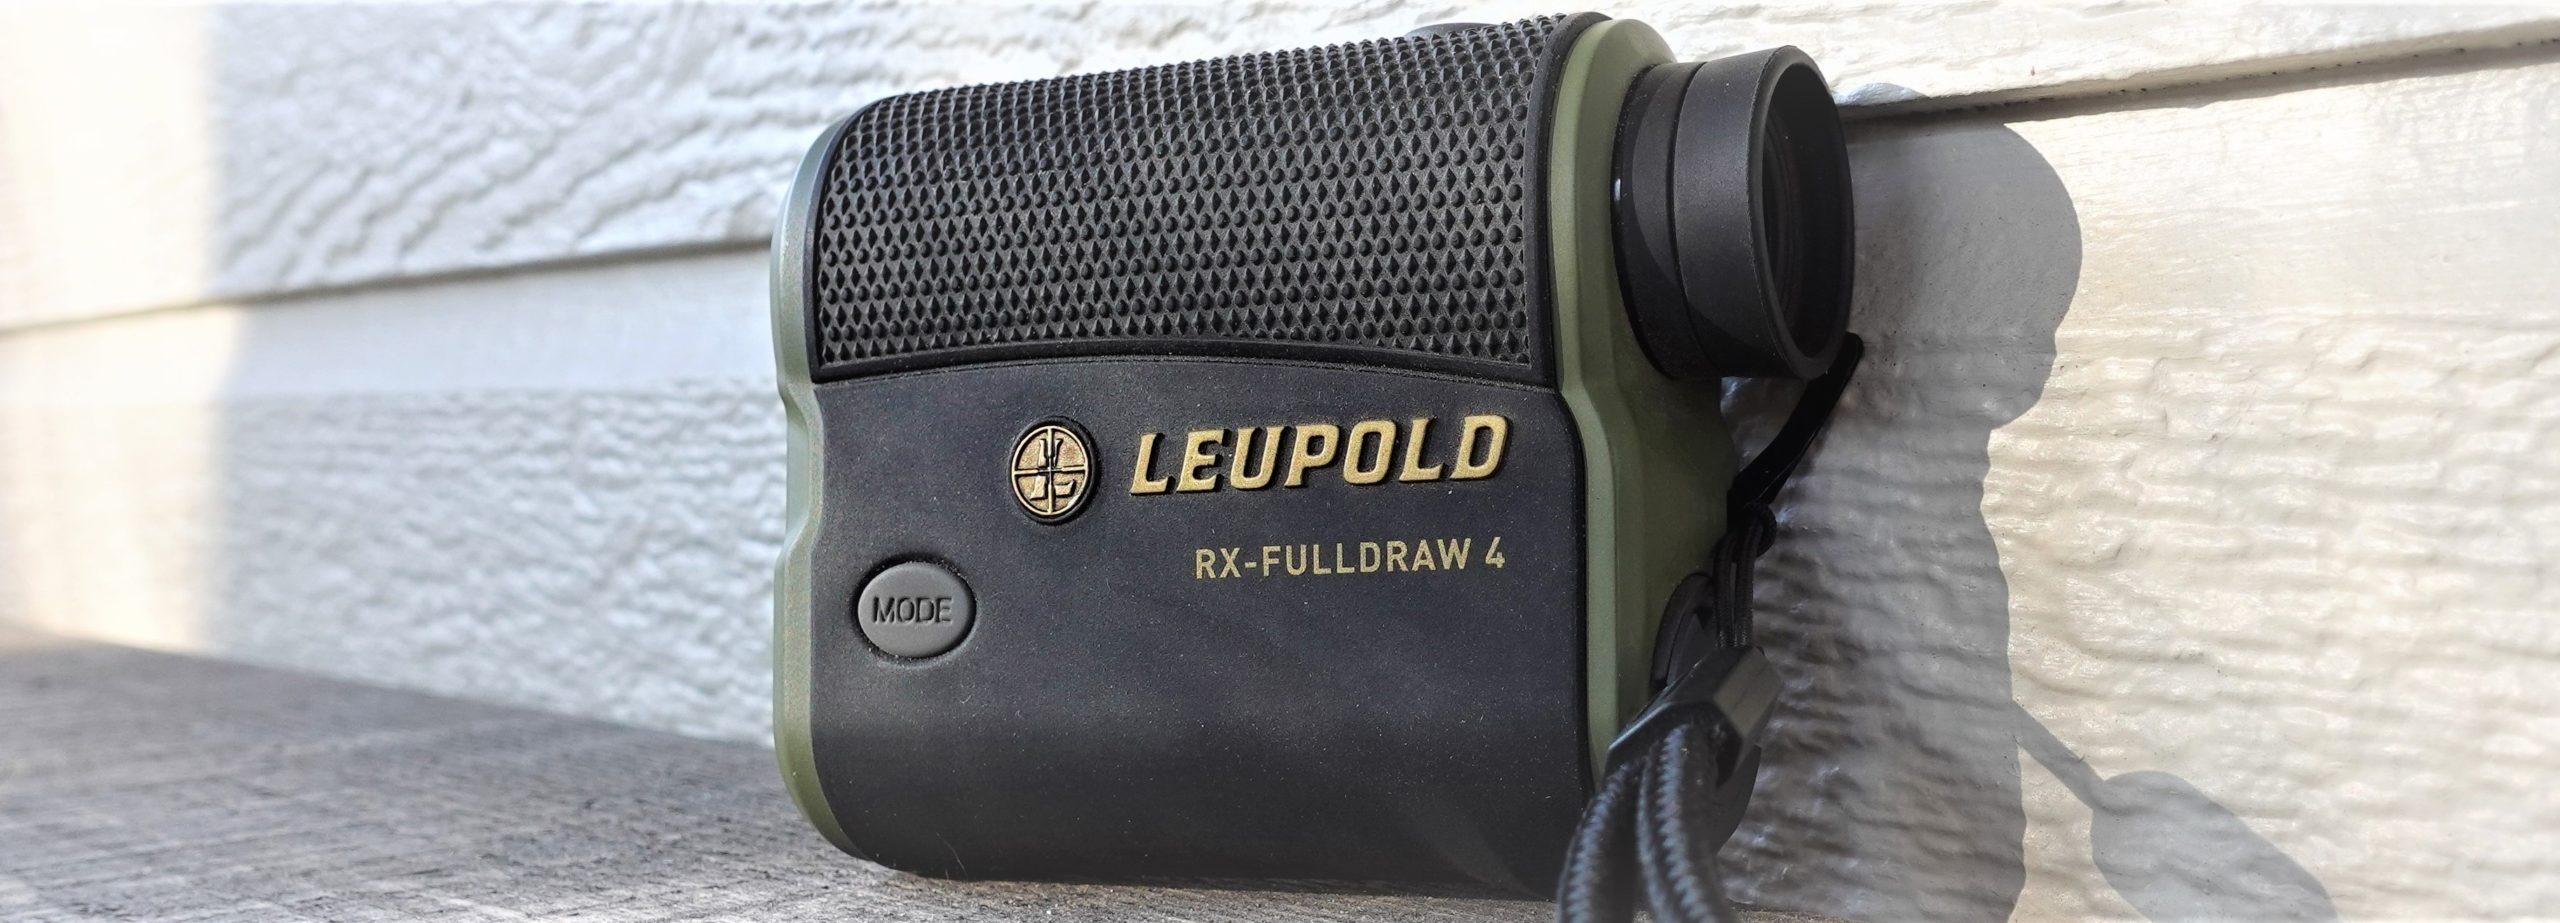 Leupold RX Full Draw 4